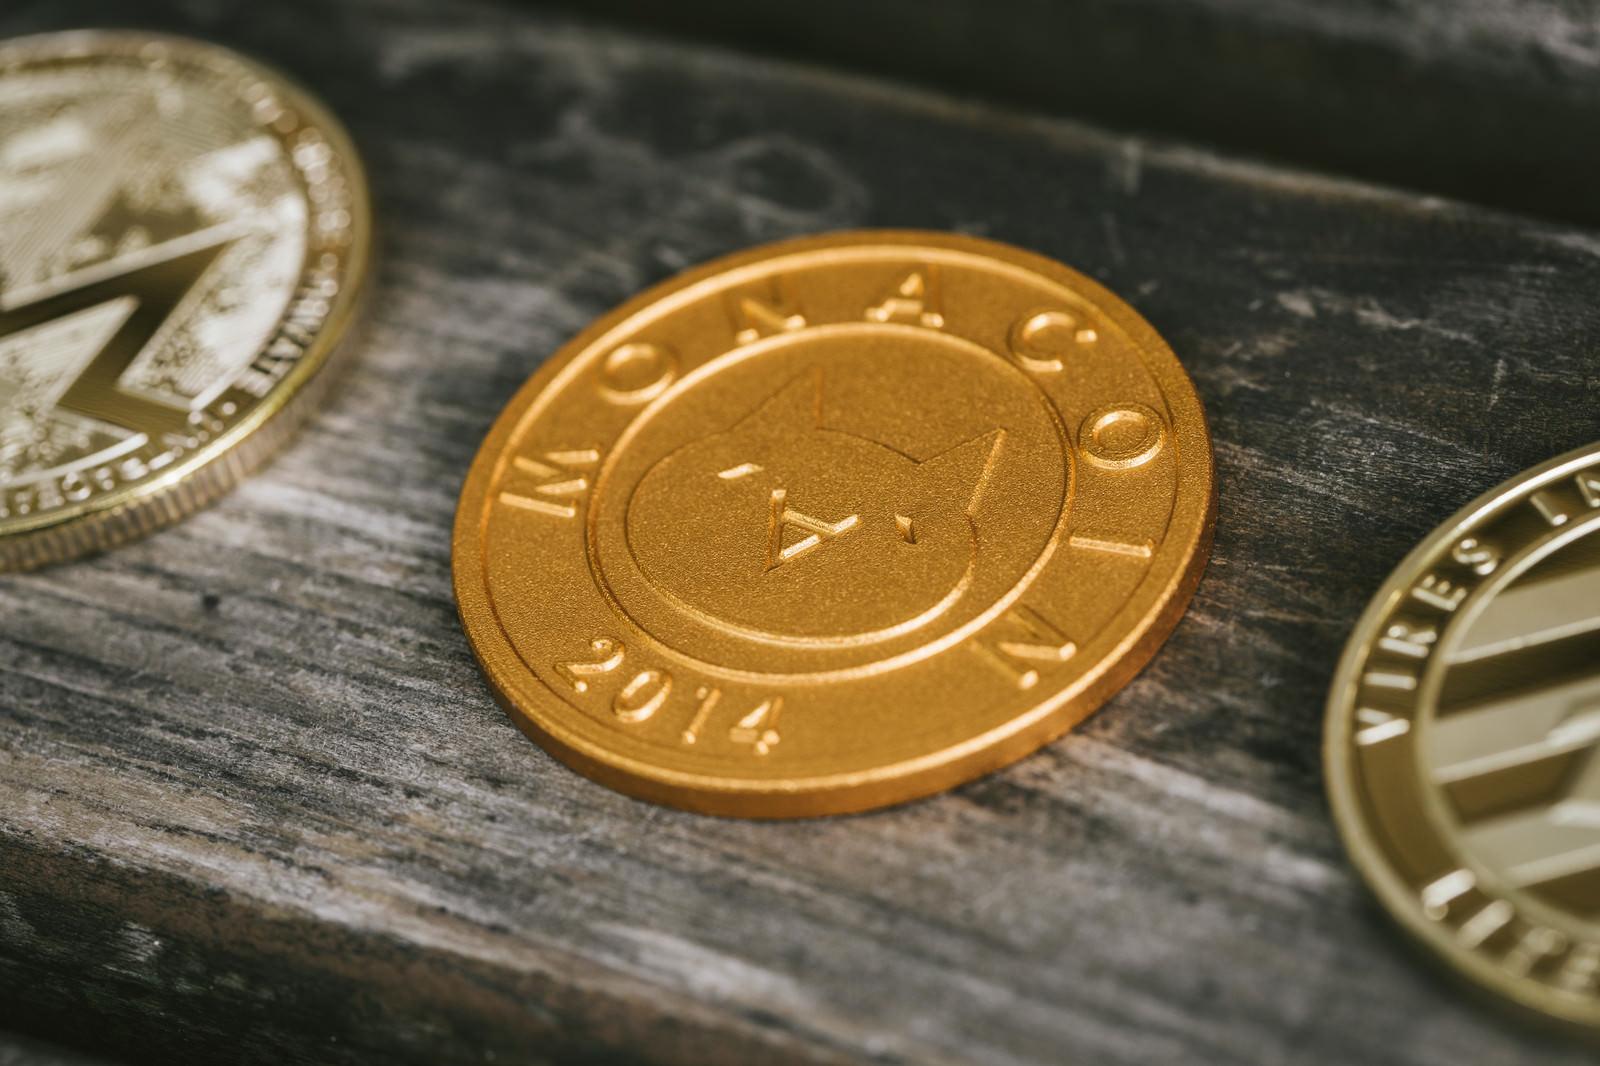 「2ちゃんねる発祥の仮想通貨モナコイン」の写真